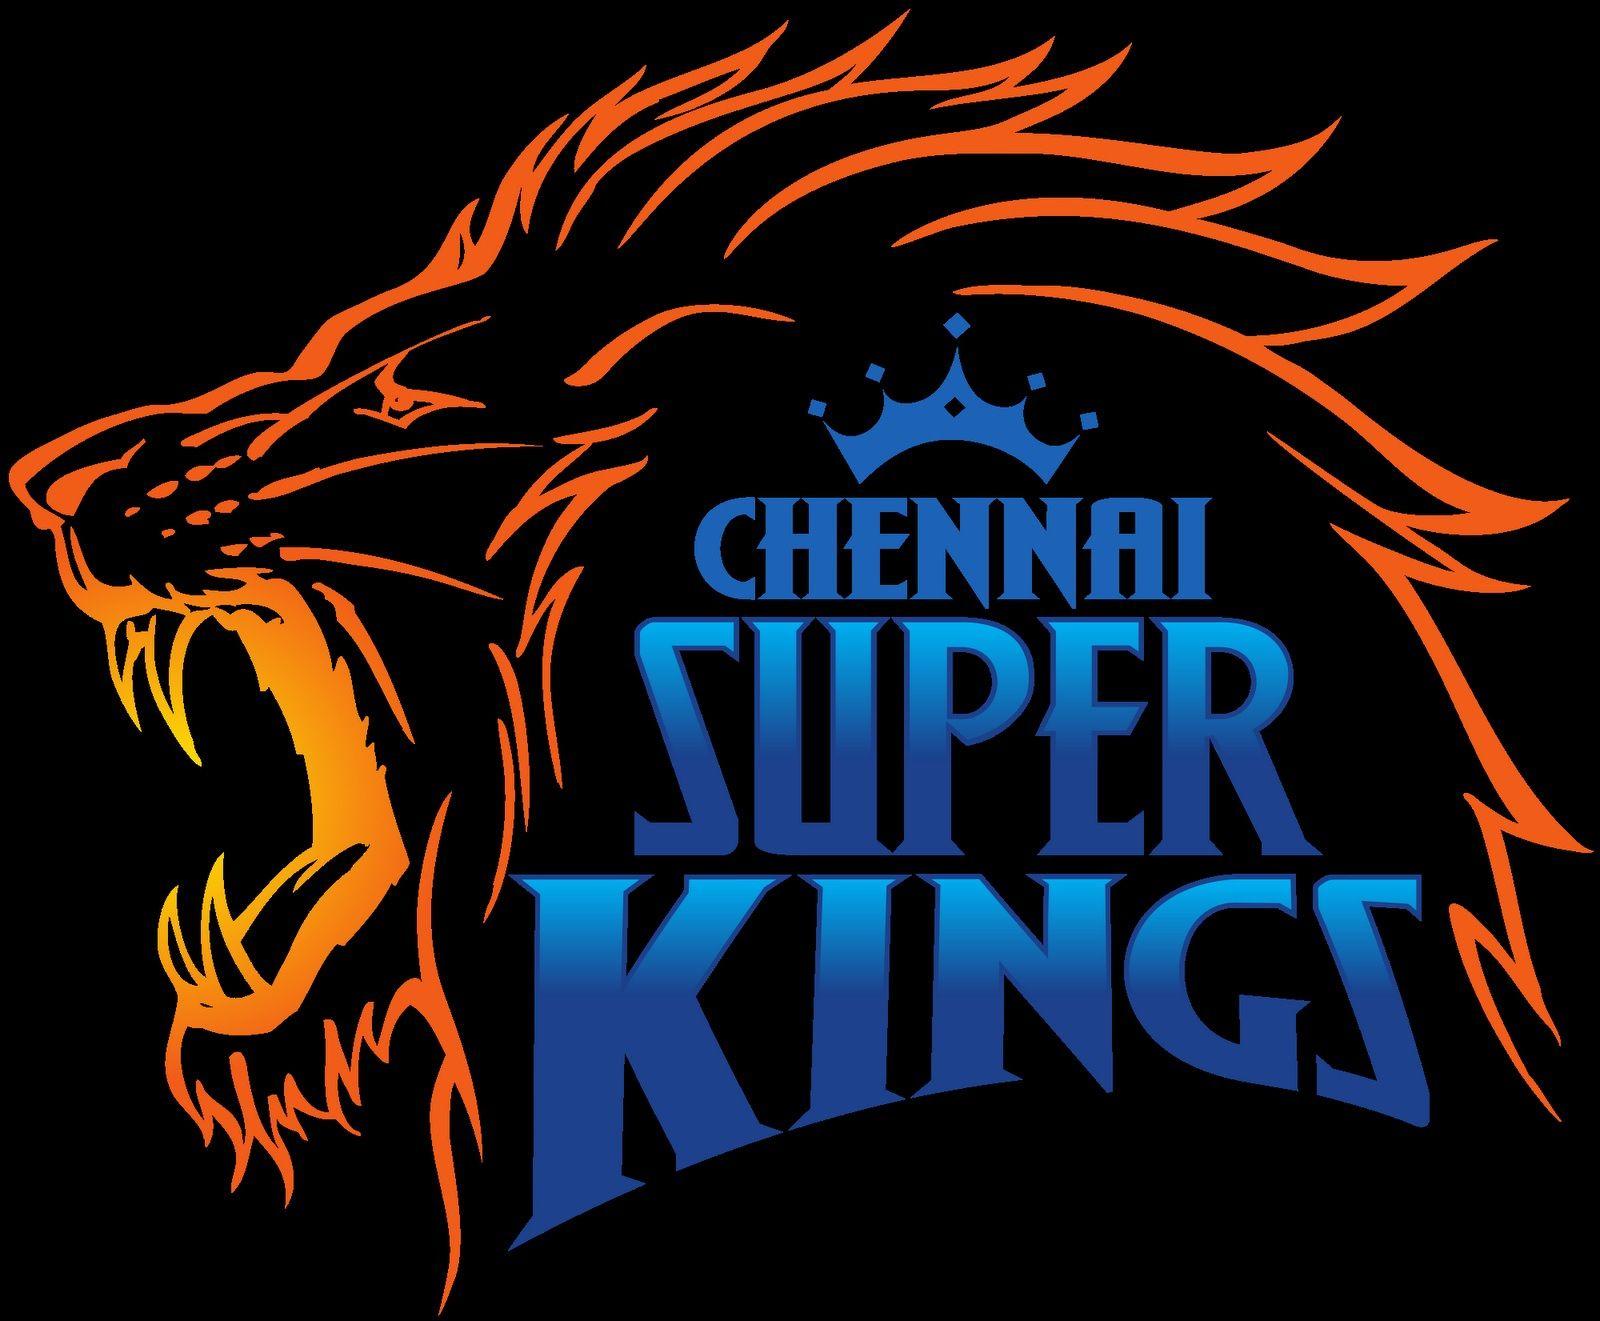 IPL Team Chennai Super Kings Chennai super kings